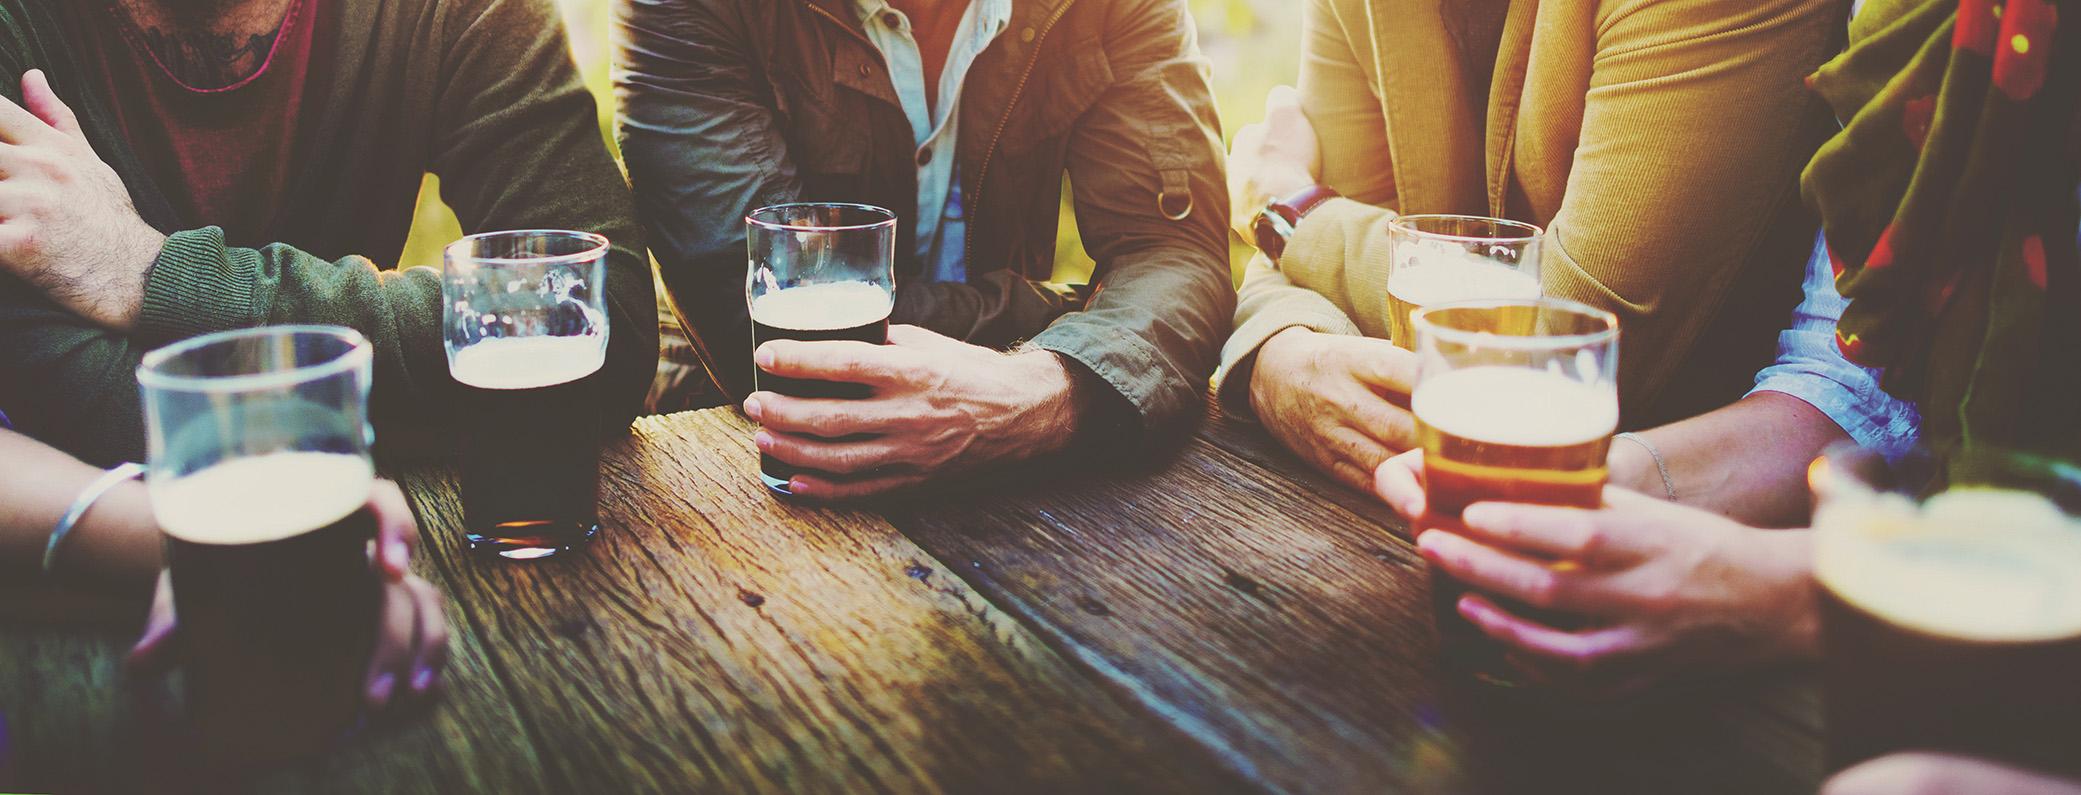 """Mahou San Miguel lanza """"Los Cervecistas"""" para fomentar la cultura cervecera"""